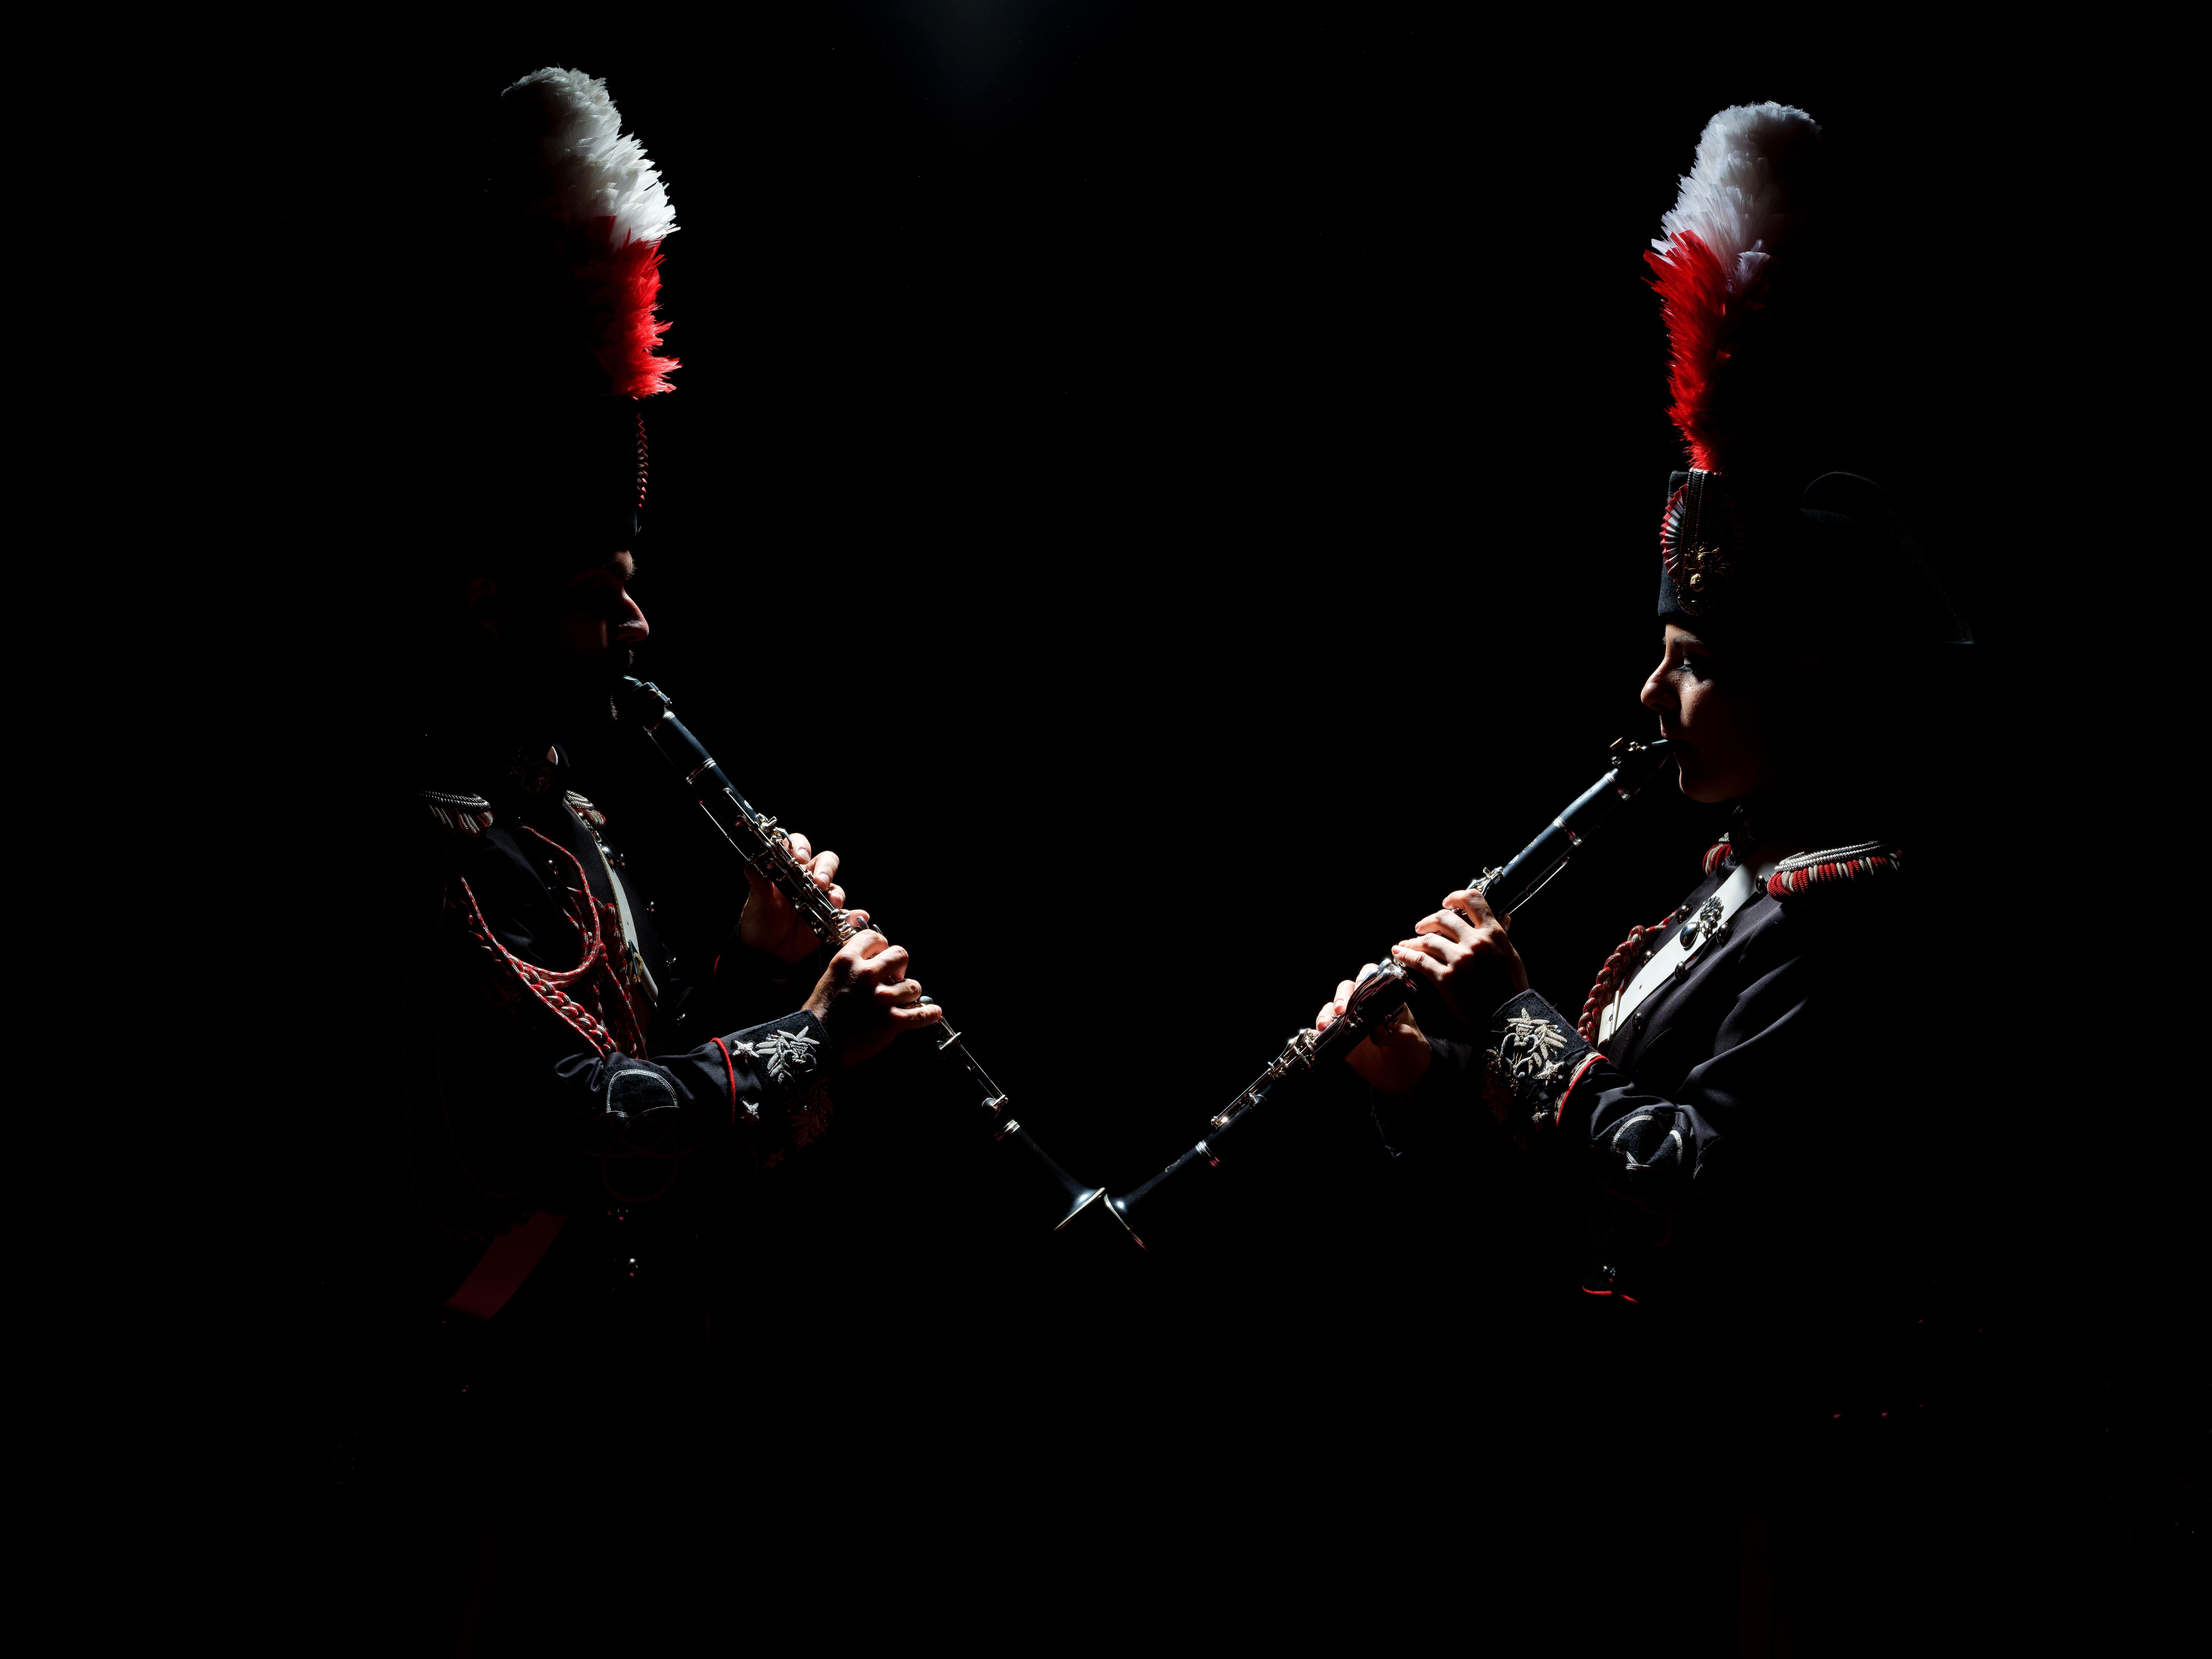 Max Angeloni: Banda Musicale dell'arma dei Carabinieri